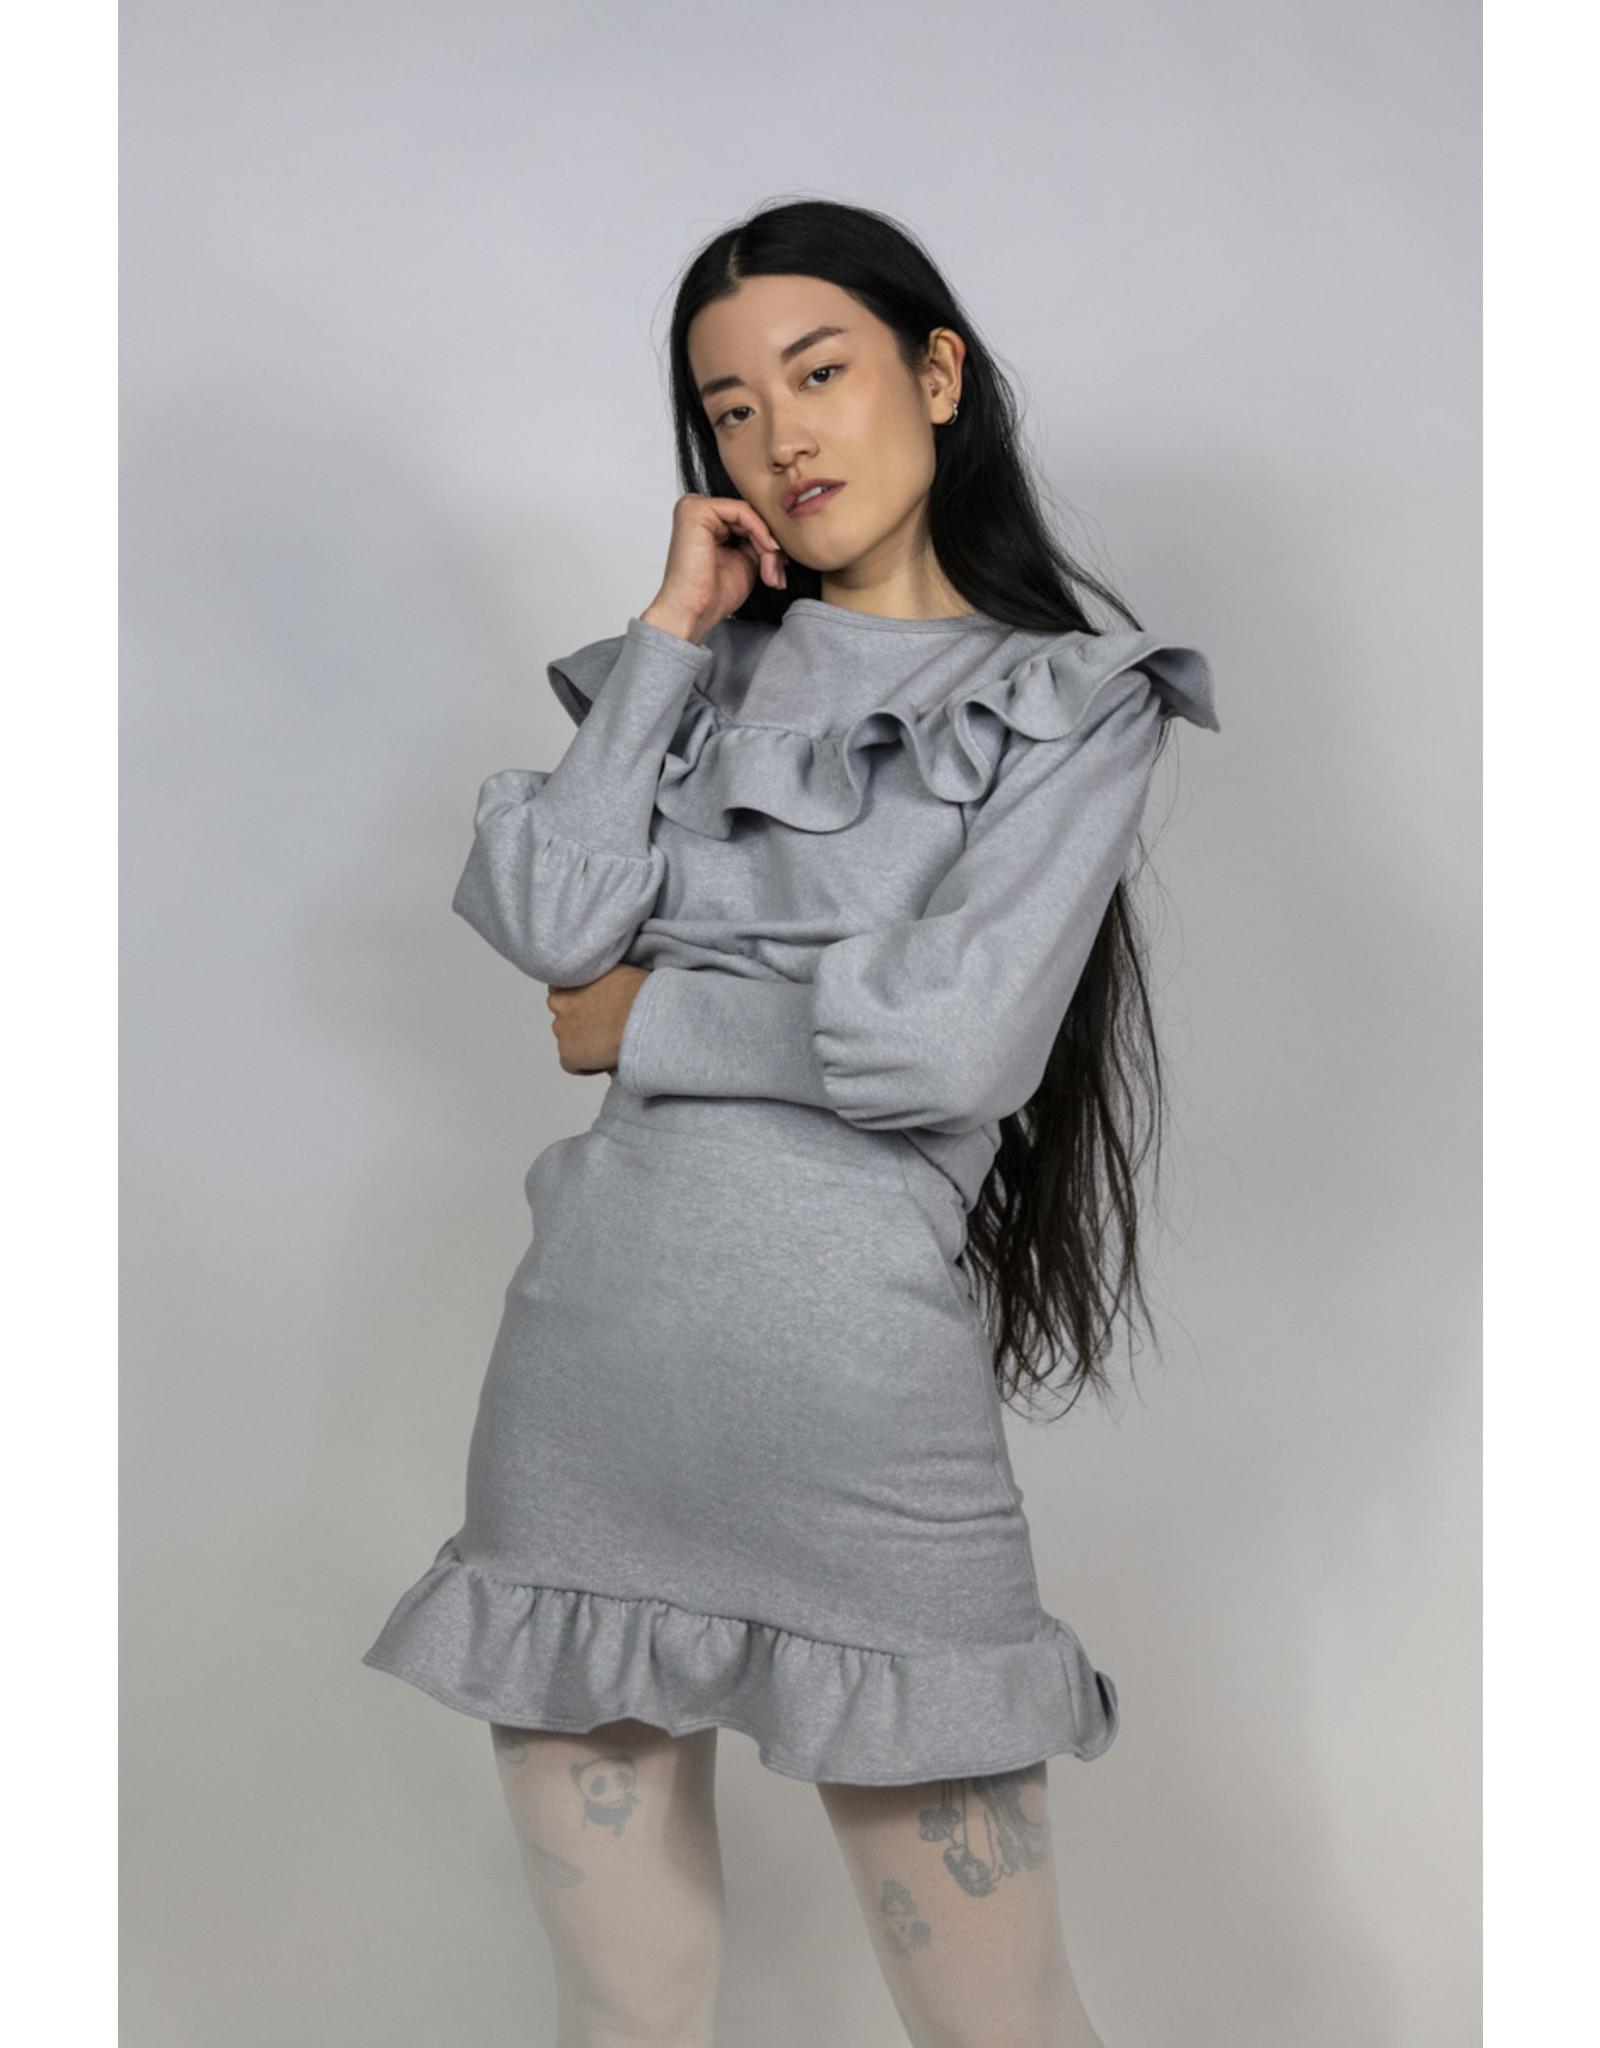 Rightful Owner Chandail coton ouaté gris